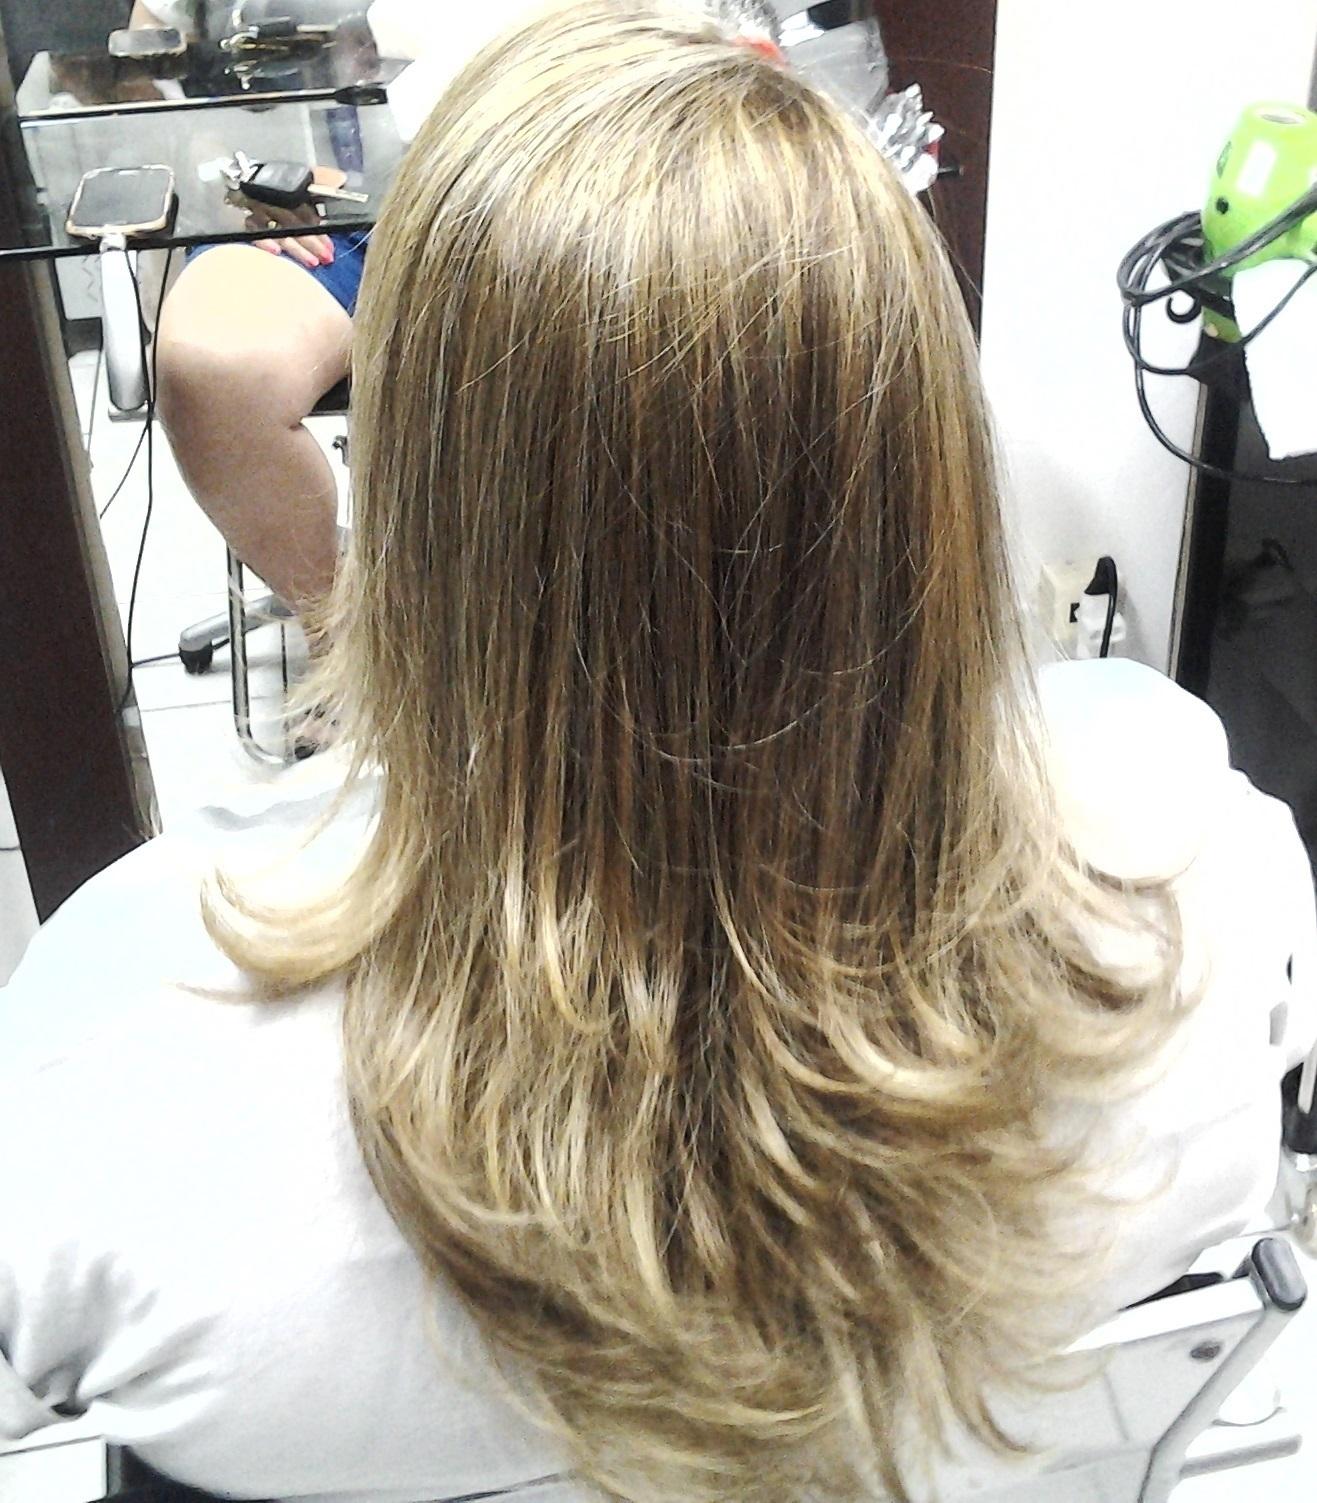 mechas cabeleireiro(a) massoterapeuta barbeiro(a) aromaterapeuta depilador(a) designer de sobrancelhas esteticista massagista stylist terapeuta visagista docente / professor(a) supervisor(a)